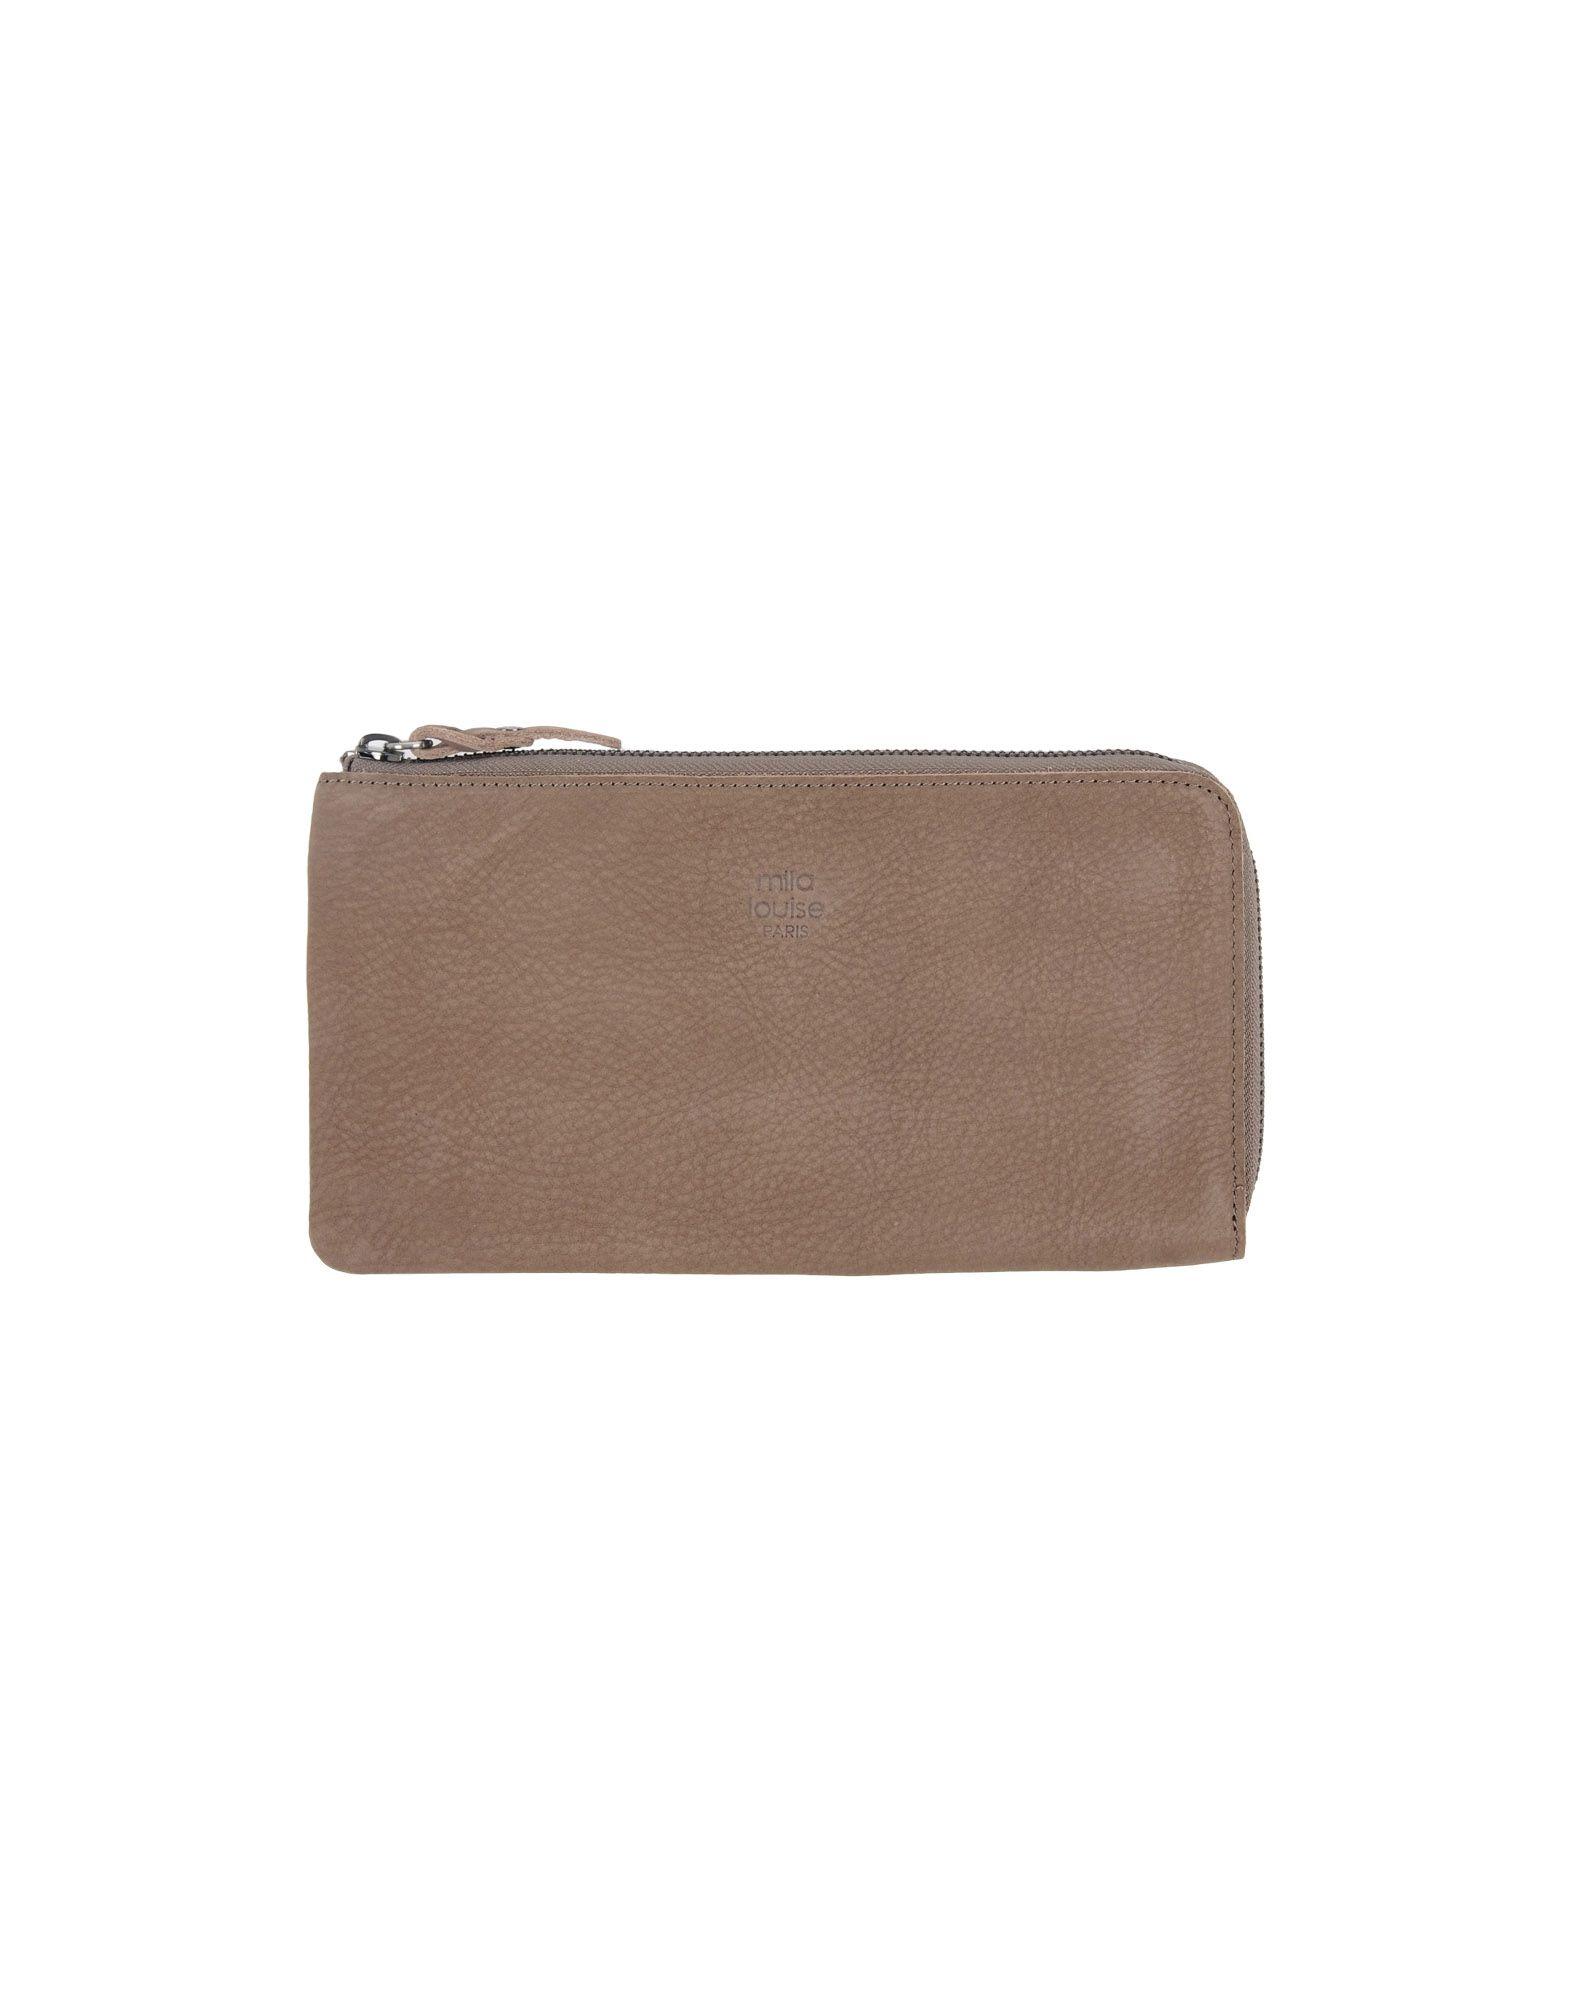 《送料無料》MILA LOUISE レディース 財布 カーキ 革